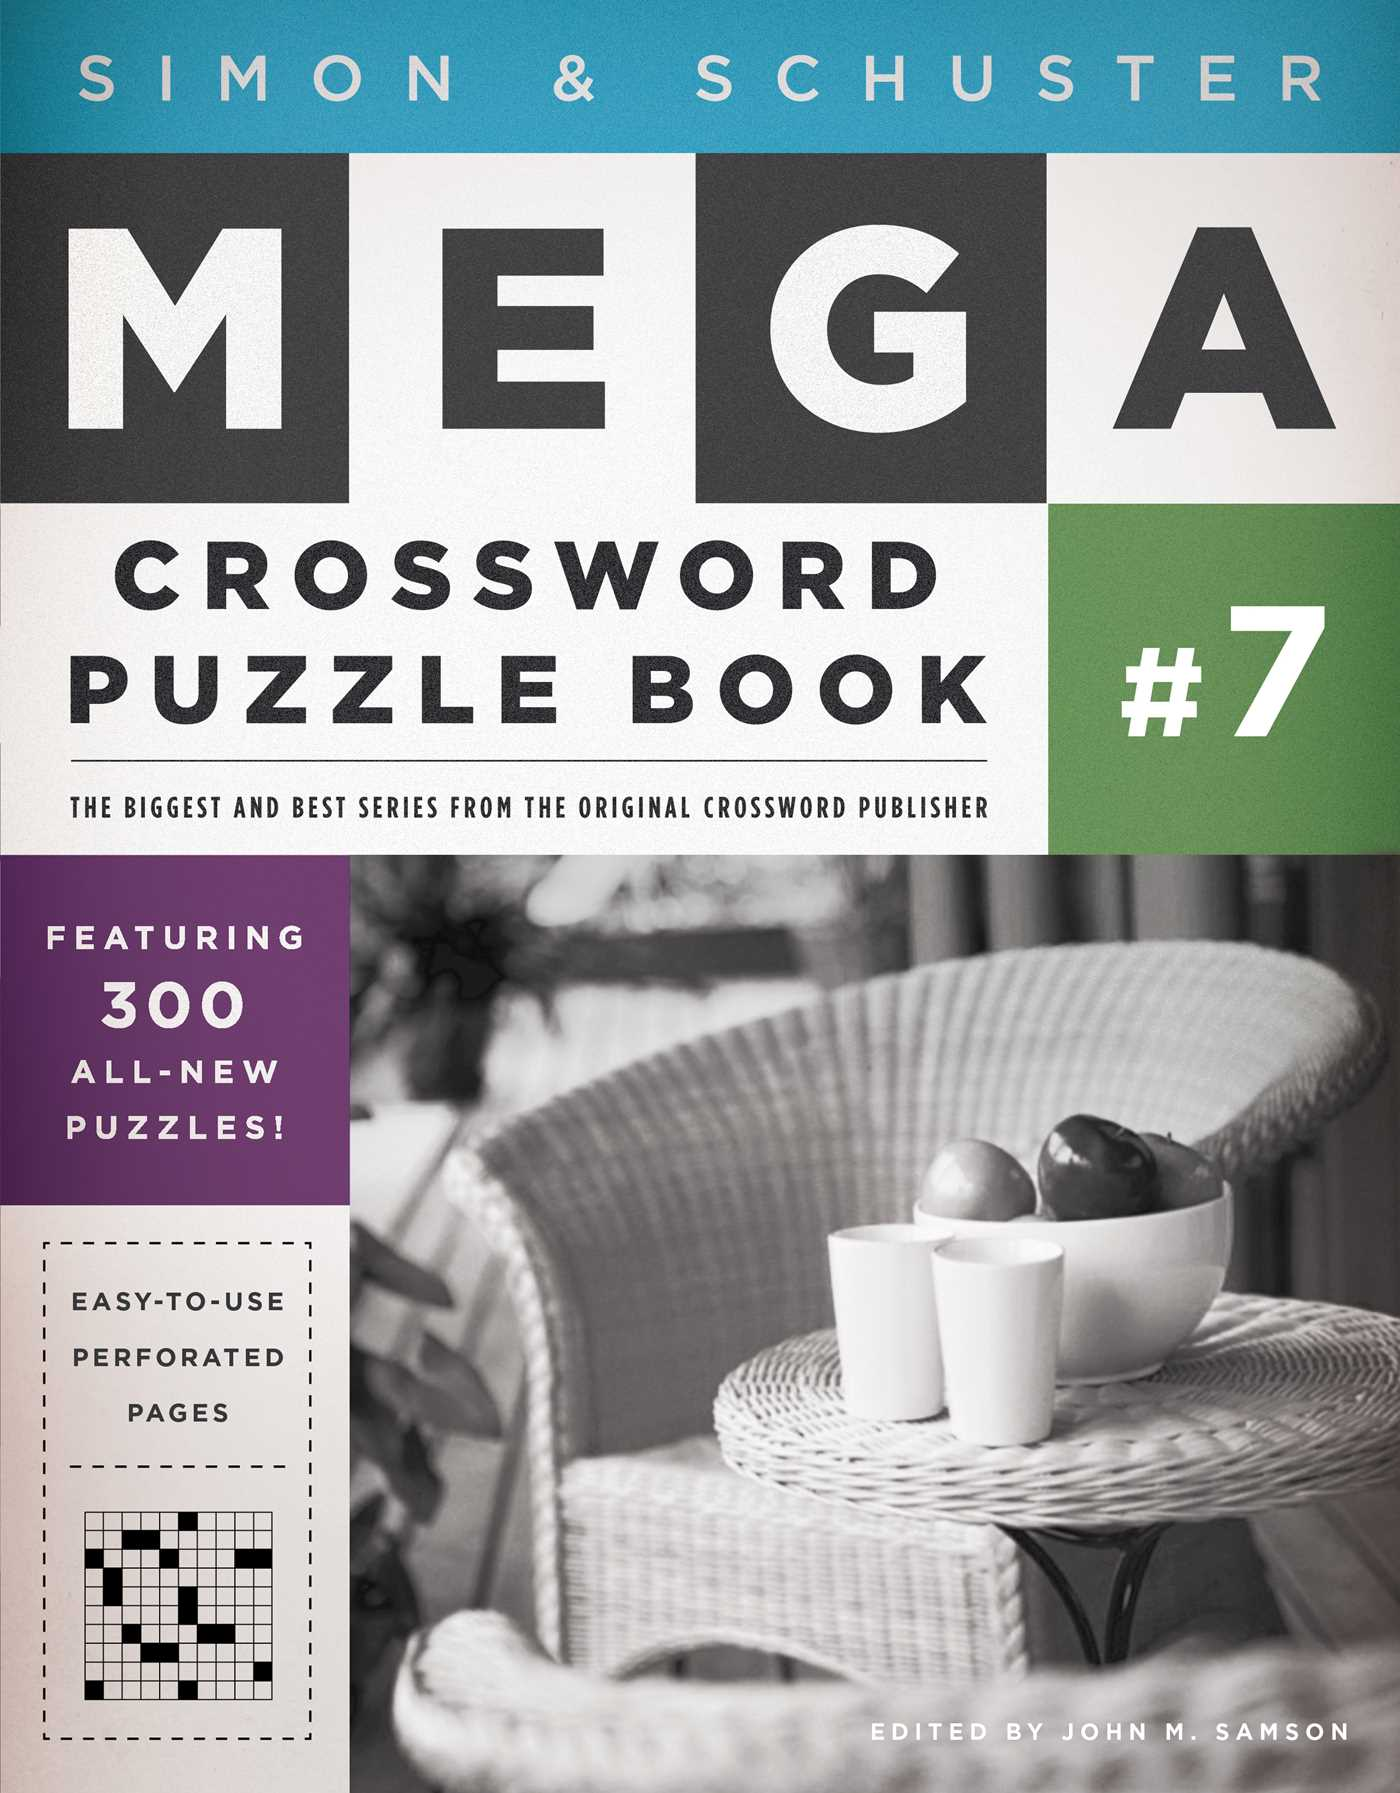 Simon schuster mega crossword puzzle book 7 9781439158074 hr